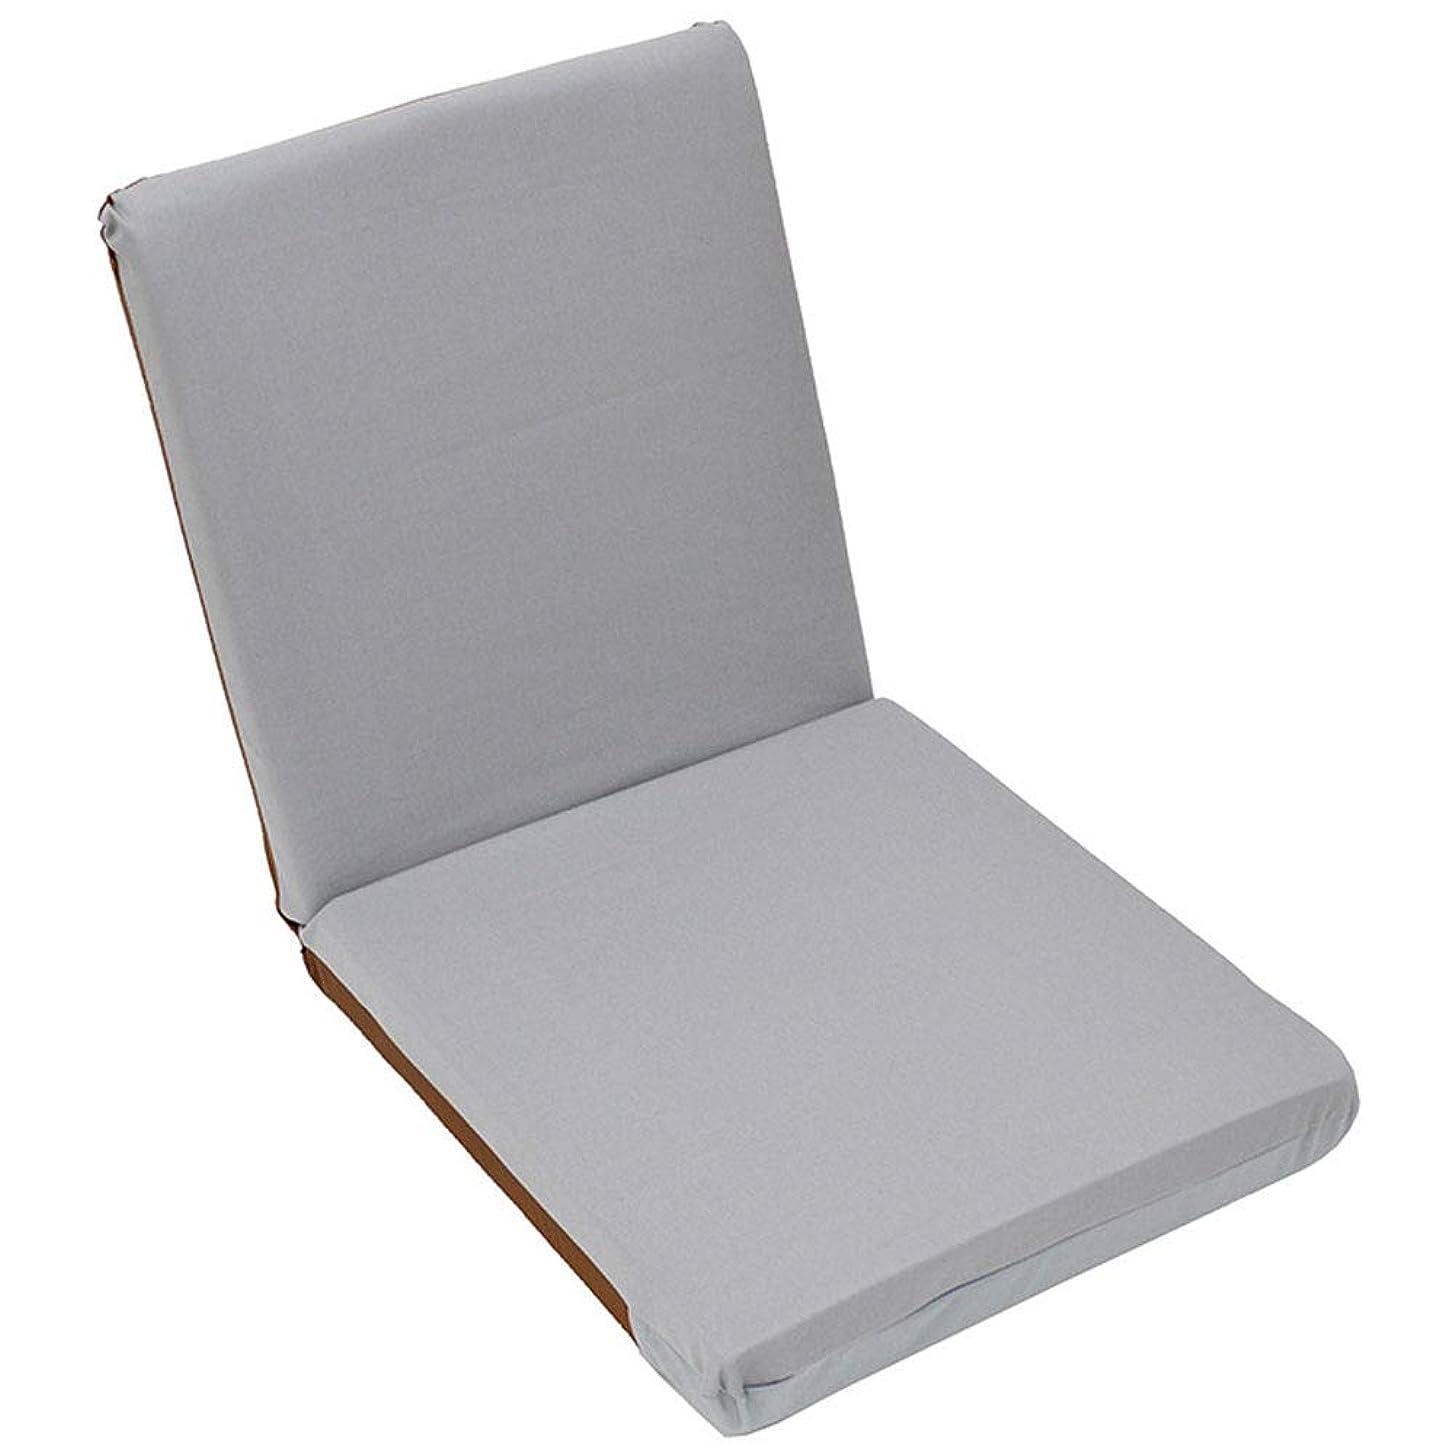 する必要があるええリーダーシップ7段階リクライニング 座椅子 コンパクト 軽量 日本製 ウレタンフォーム 色柄おまかせ フロアーチェア